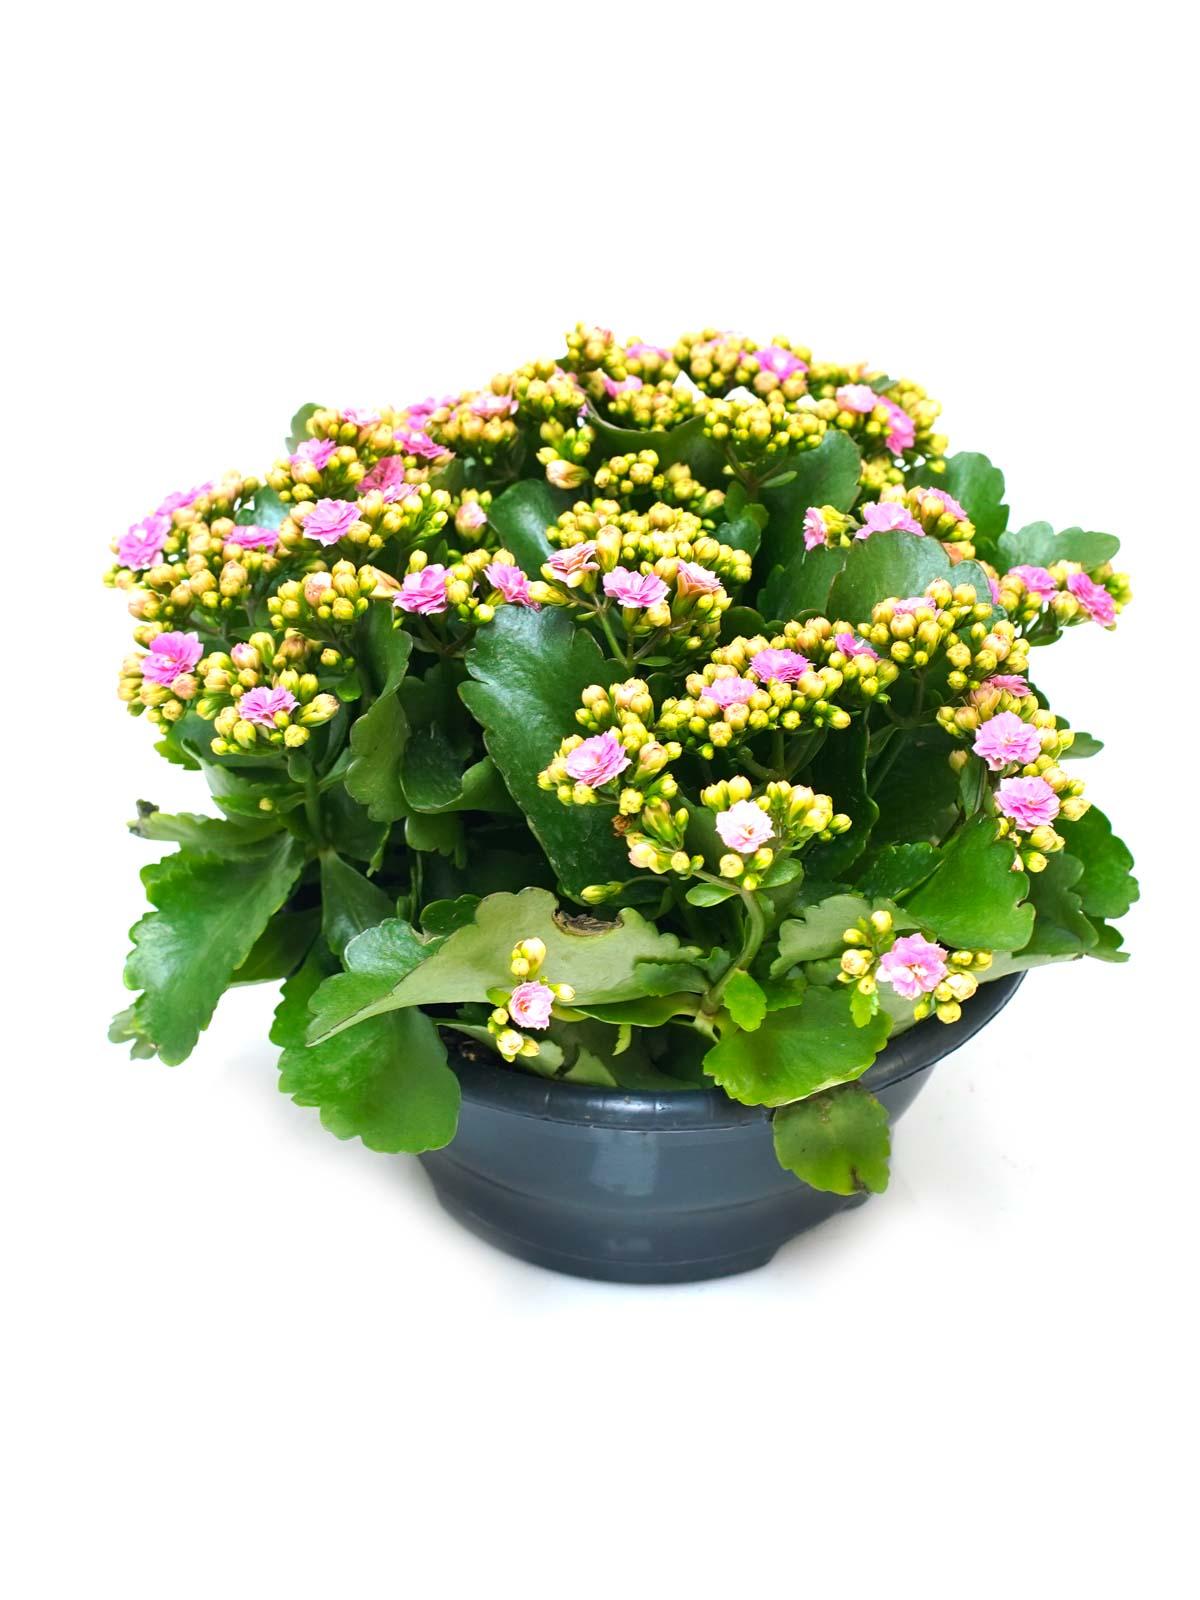 Kalanchoe Calandiva Indoor Plants Flowering Plants